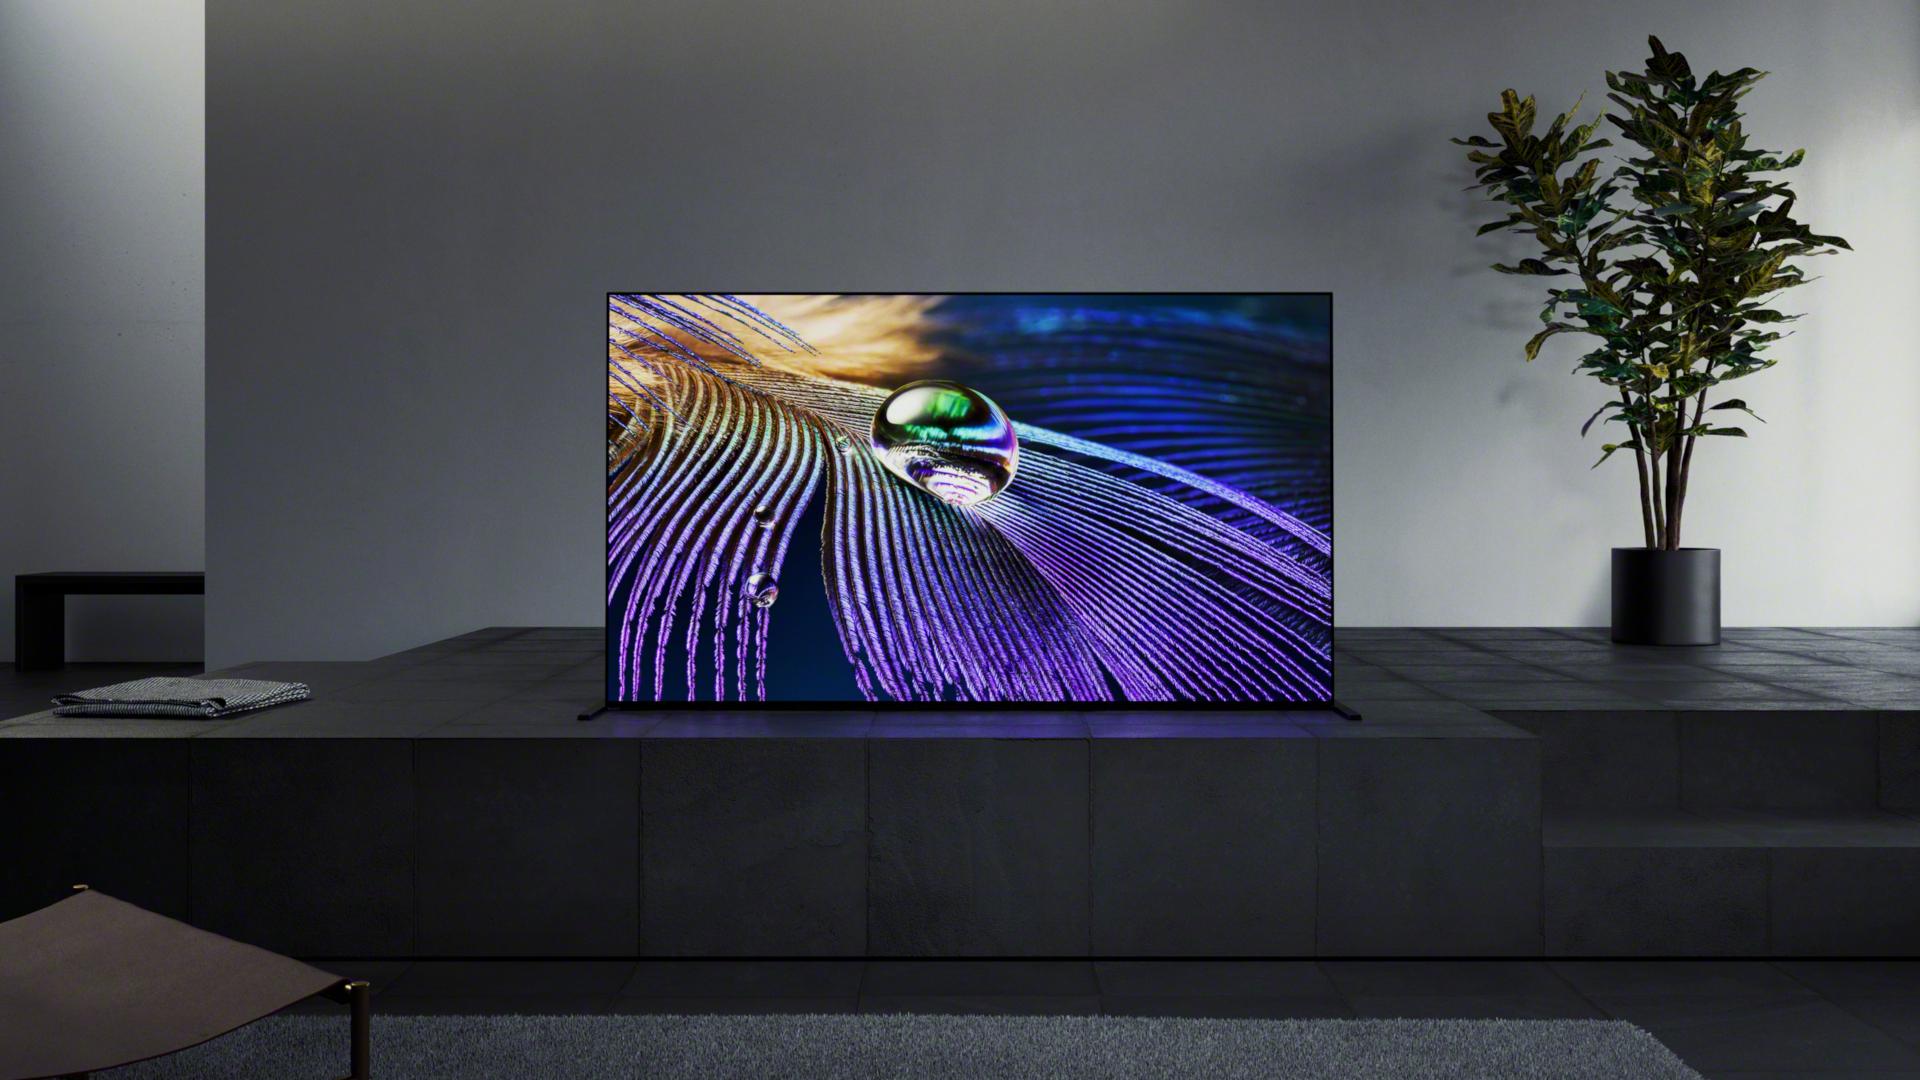 Sony A90J (BRAVIA XR-65A90J) OLED TV